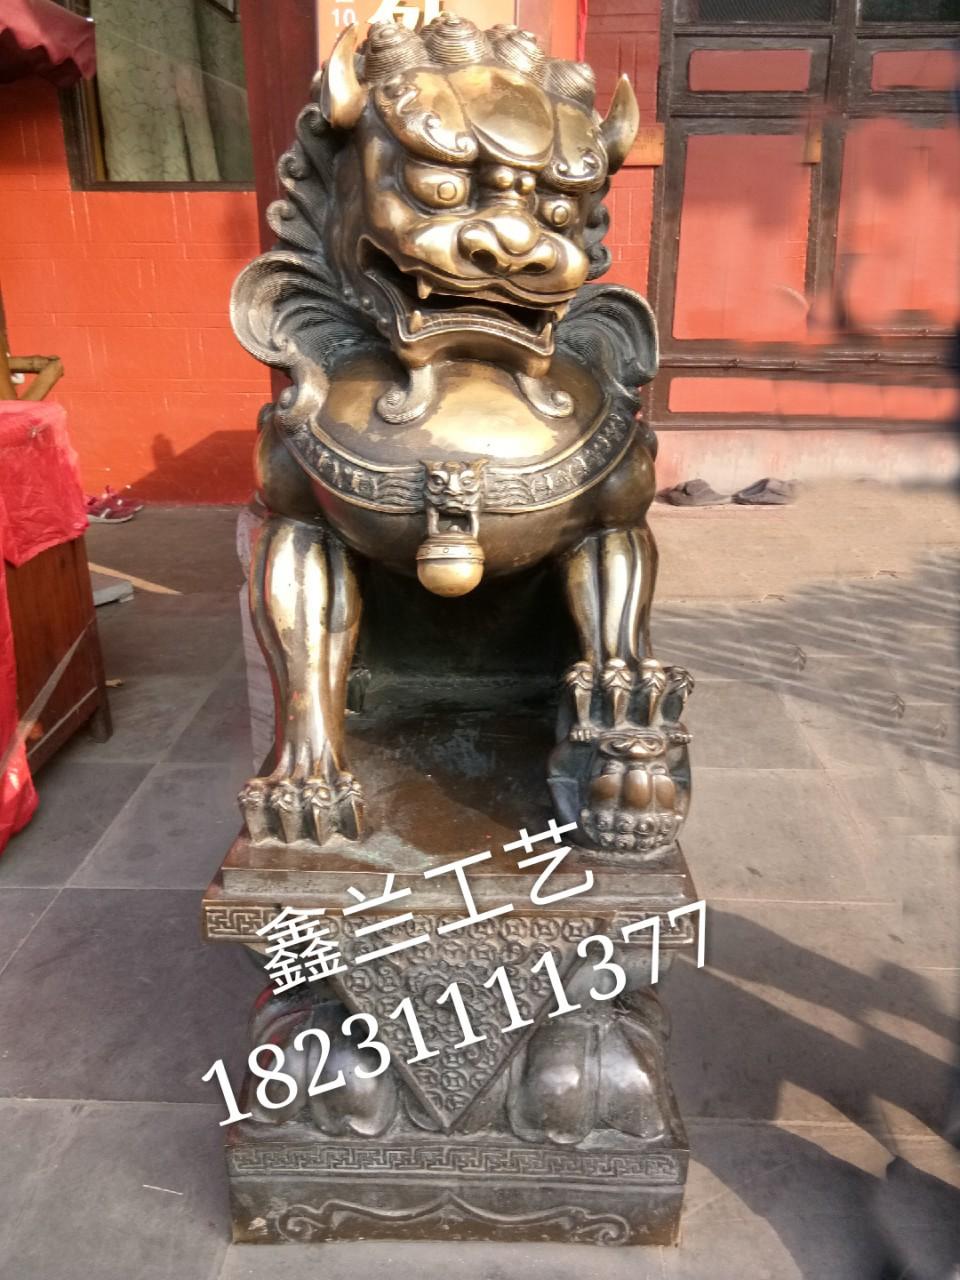 铜雕狮子厂家、铜雕狮子价格、铜雕狮子图片大全、精雕青石小狮子玻璃钢雕塑